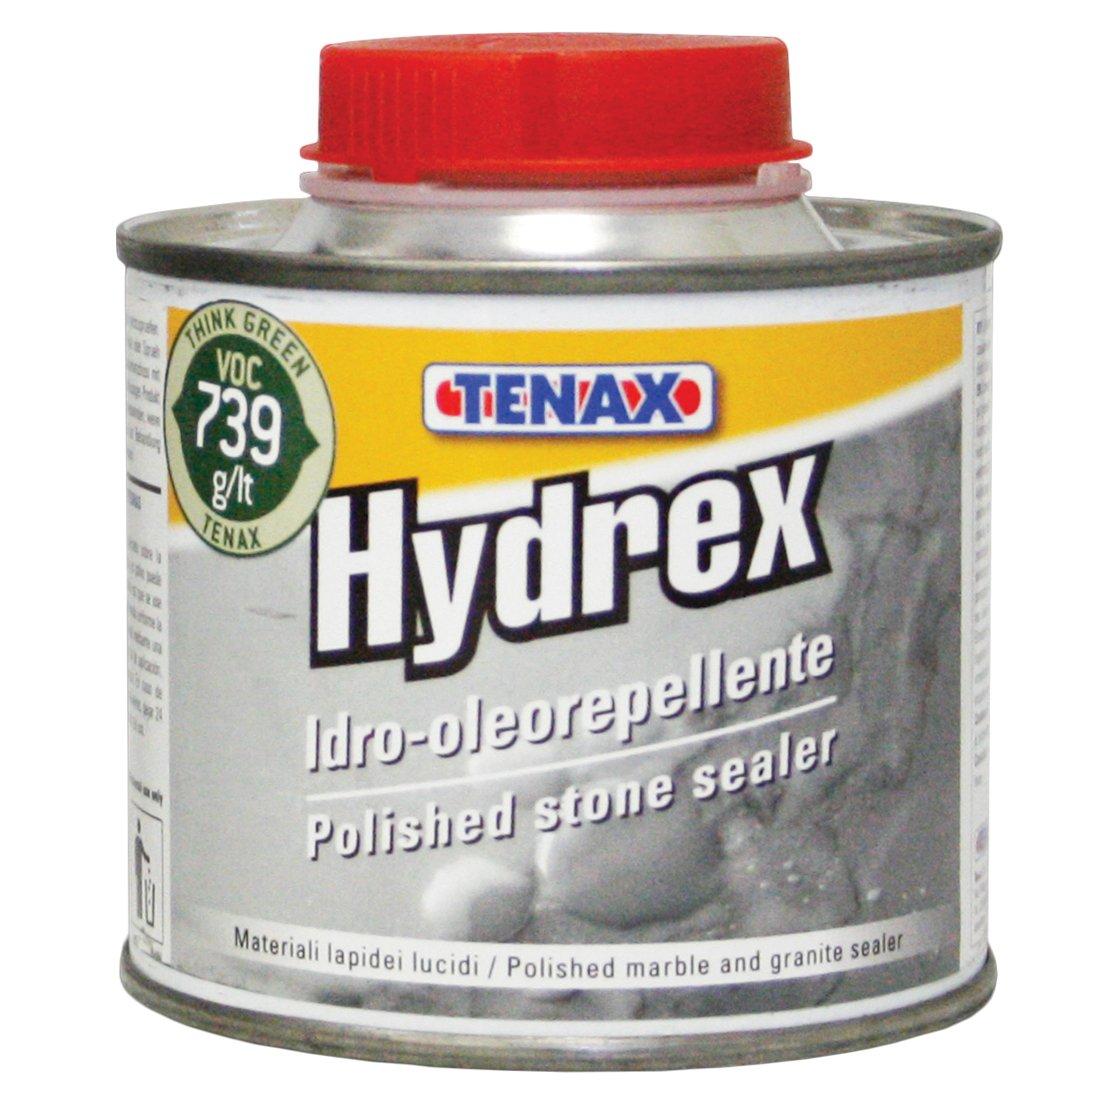 Tenax Granite Sealer, Marble Sealer, & Stone or